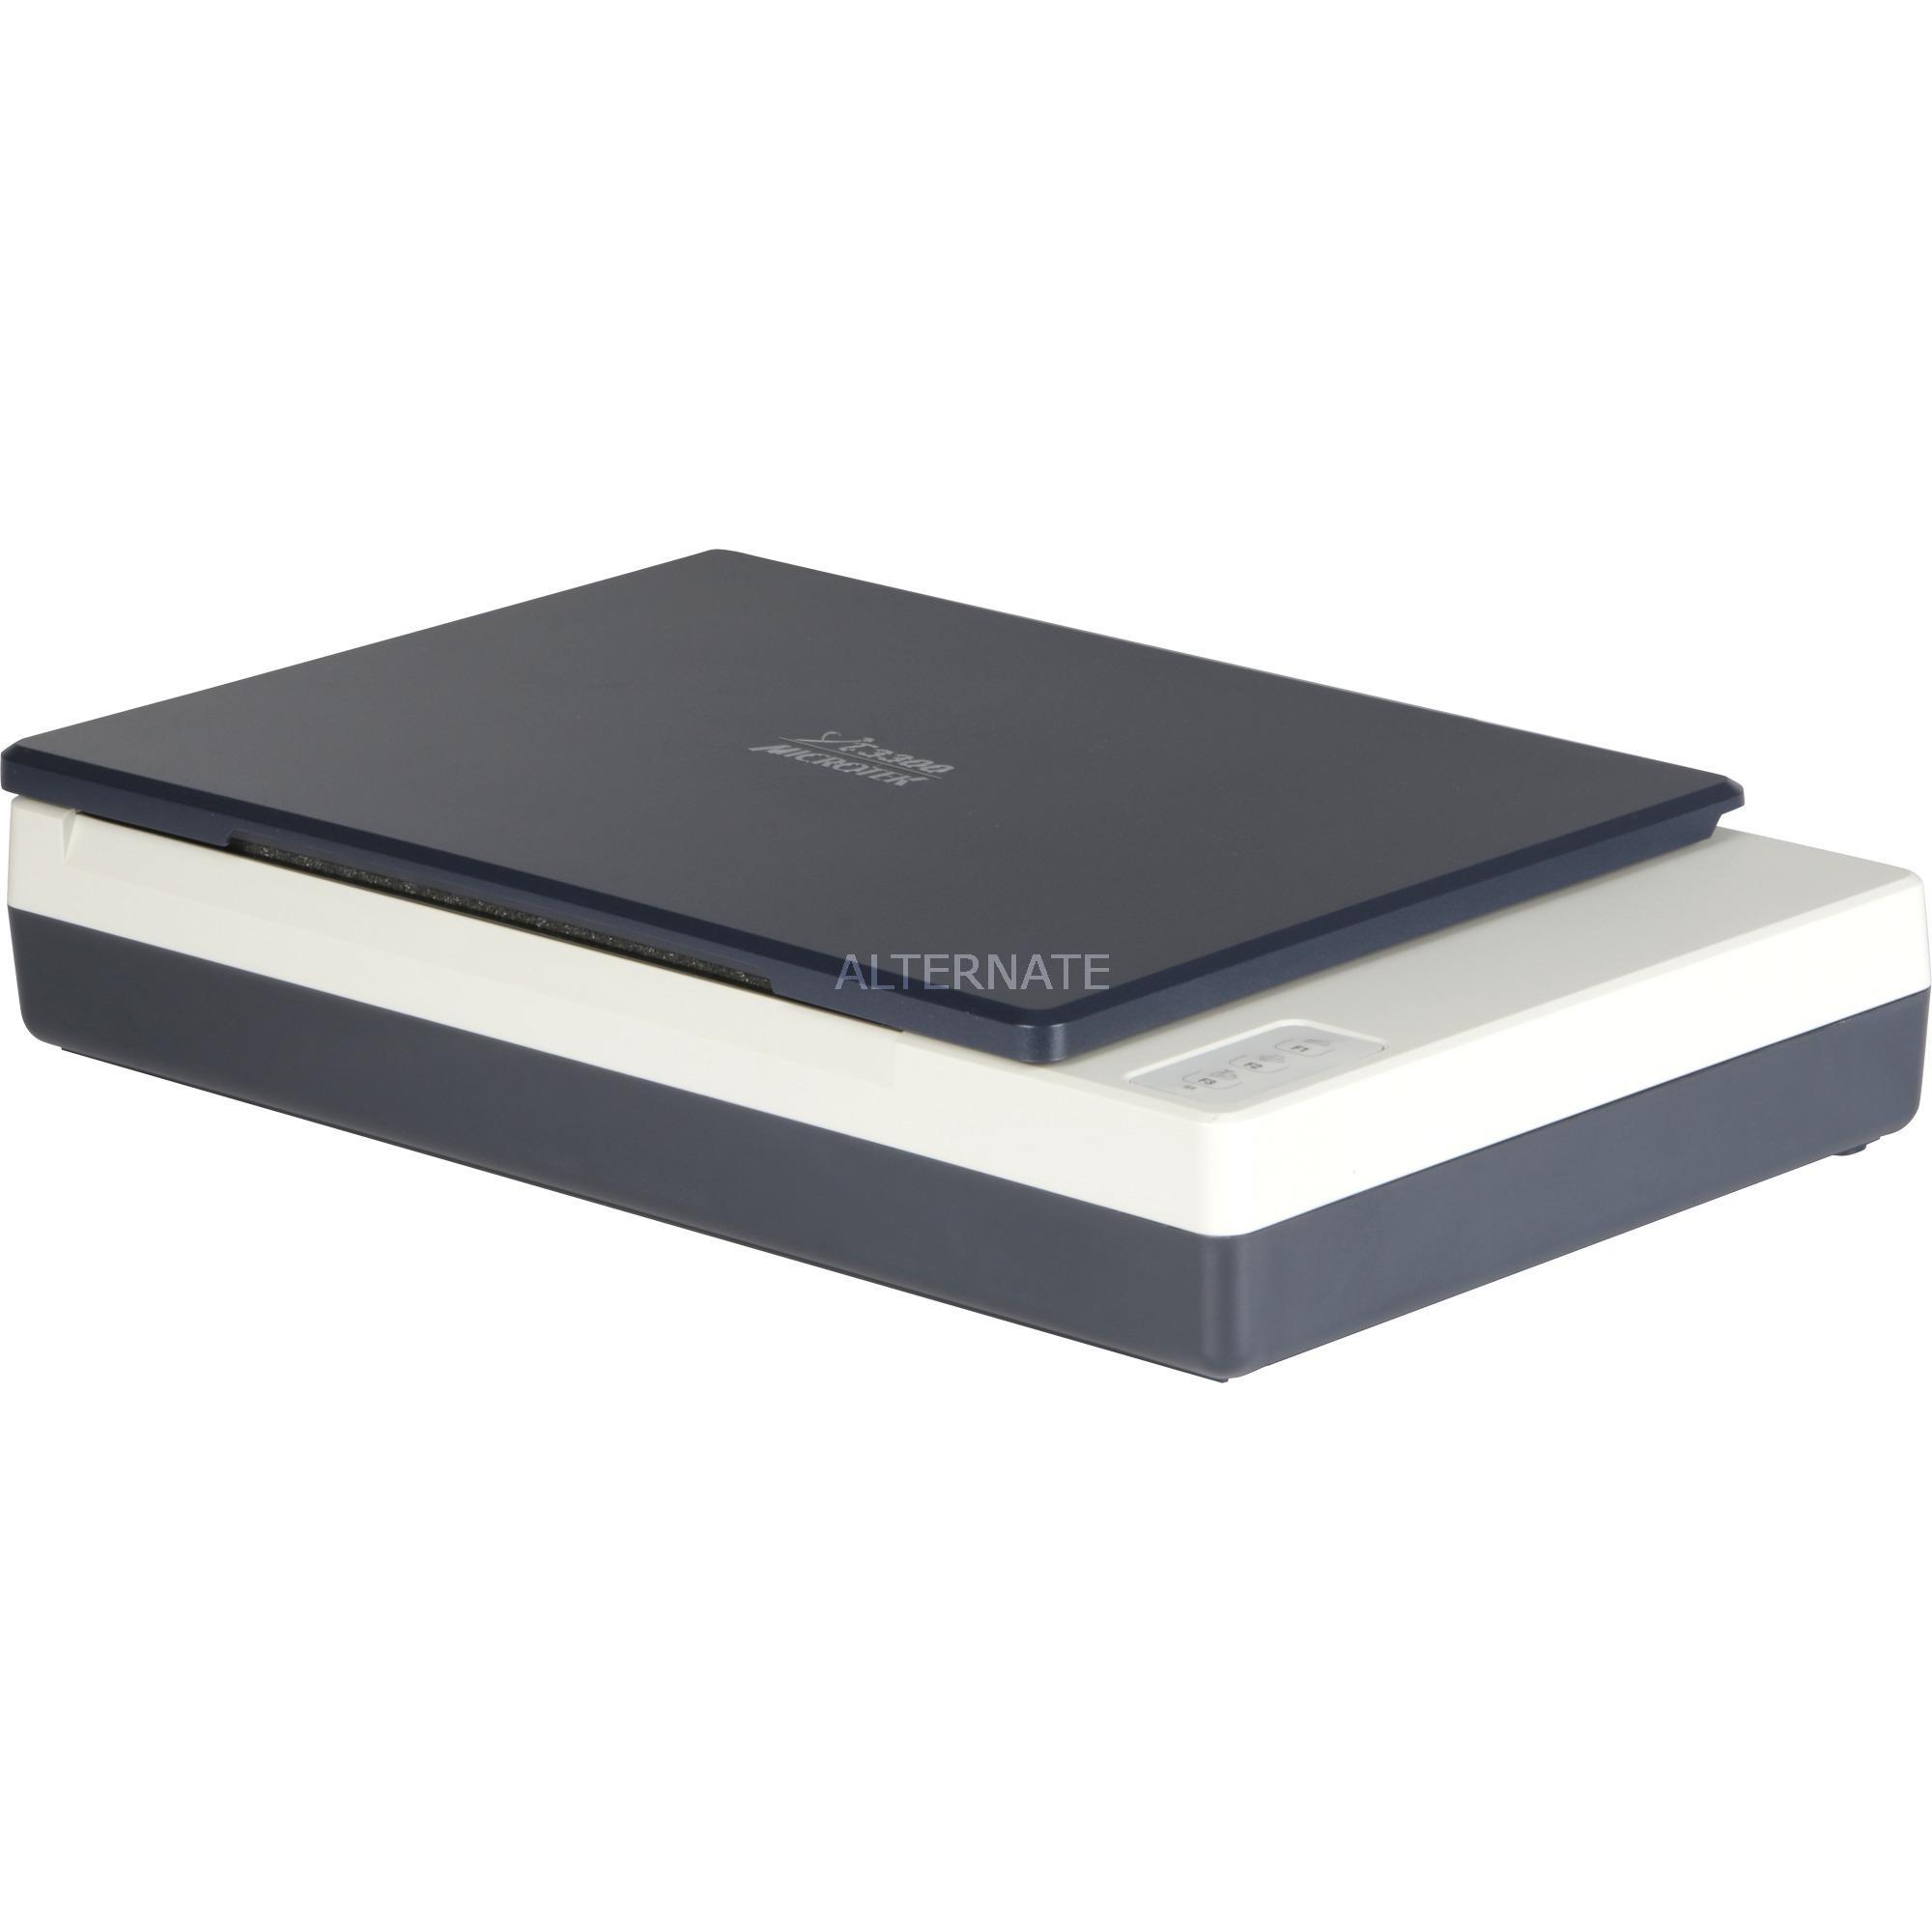 XT-3300 Numérisation à plat 1200 x 2400DPI A4 Bleu, Gris, Scanner à plat